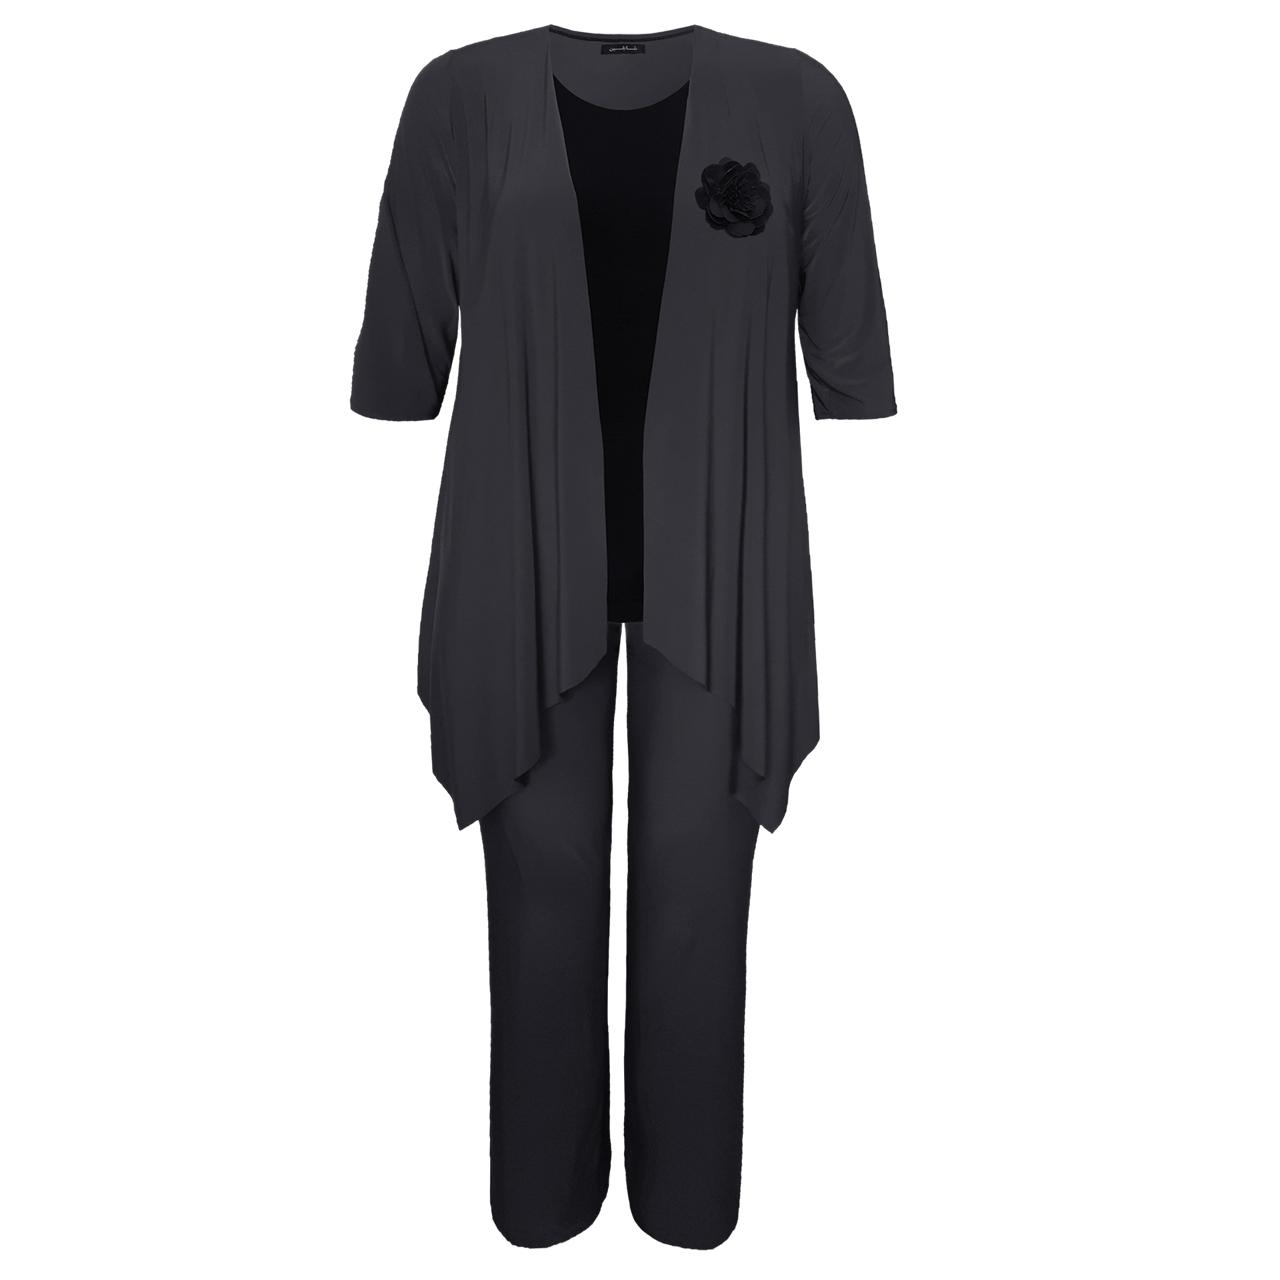 ست 3 تکه لباس زنانه شایلین کد 1167